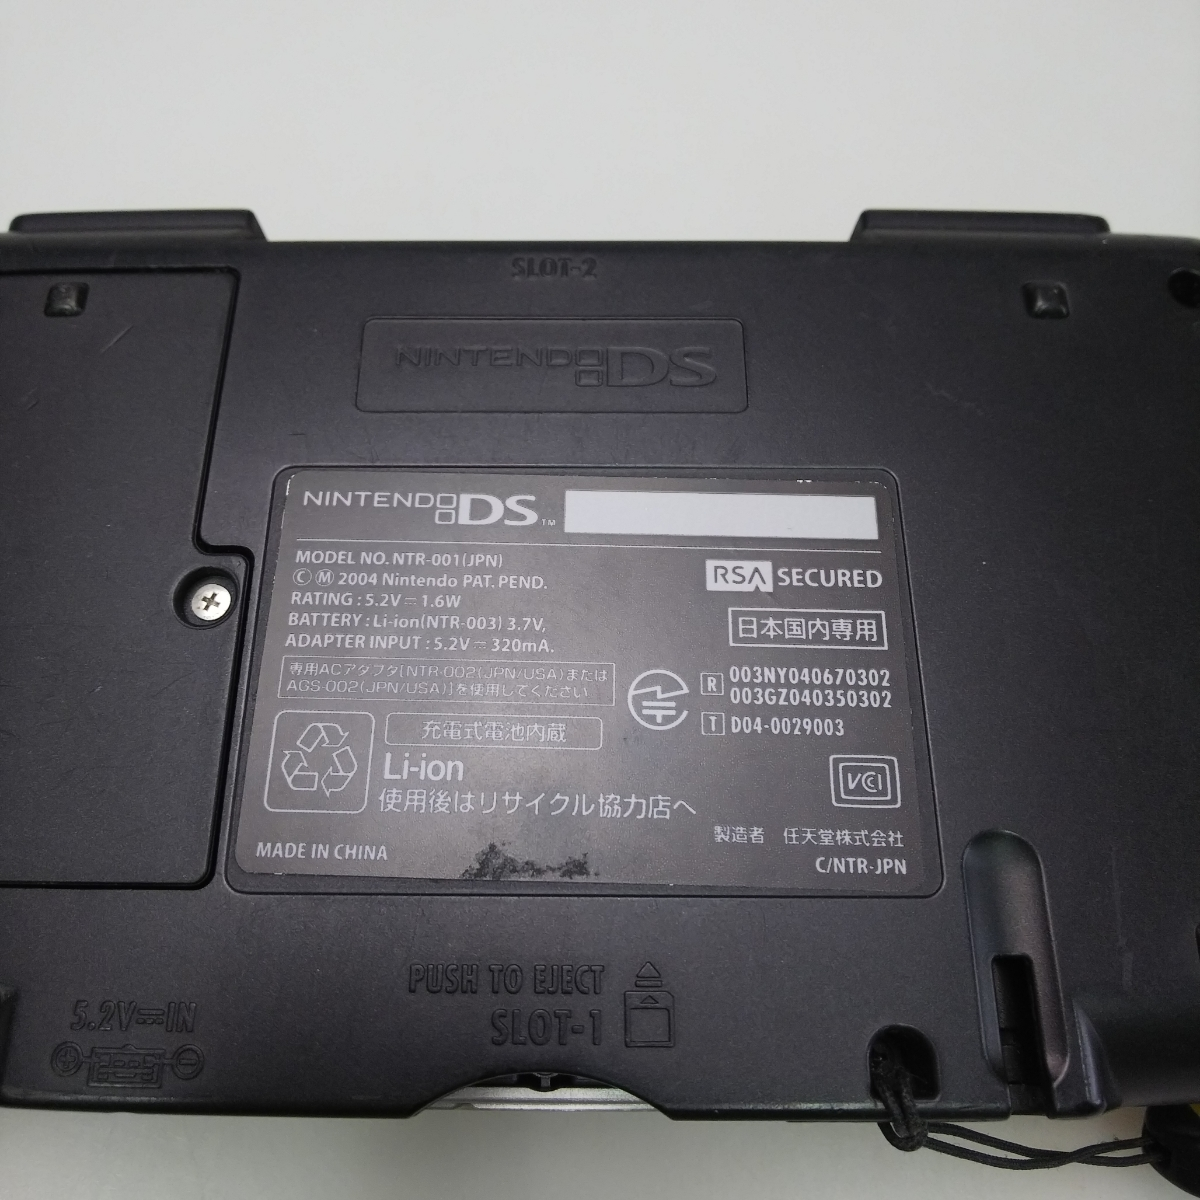 A1413 ジャンク 任天堂 DS本体 DSLite本体 アドバンスカセット DSカセット ゲーム機 ゲームソフト 現状渡し_画像7